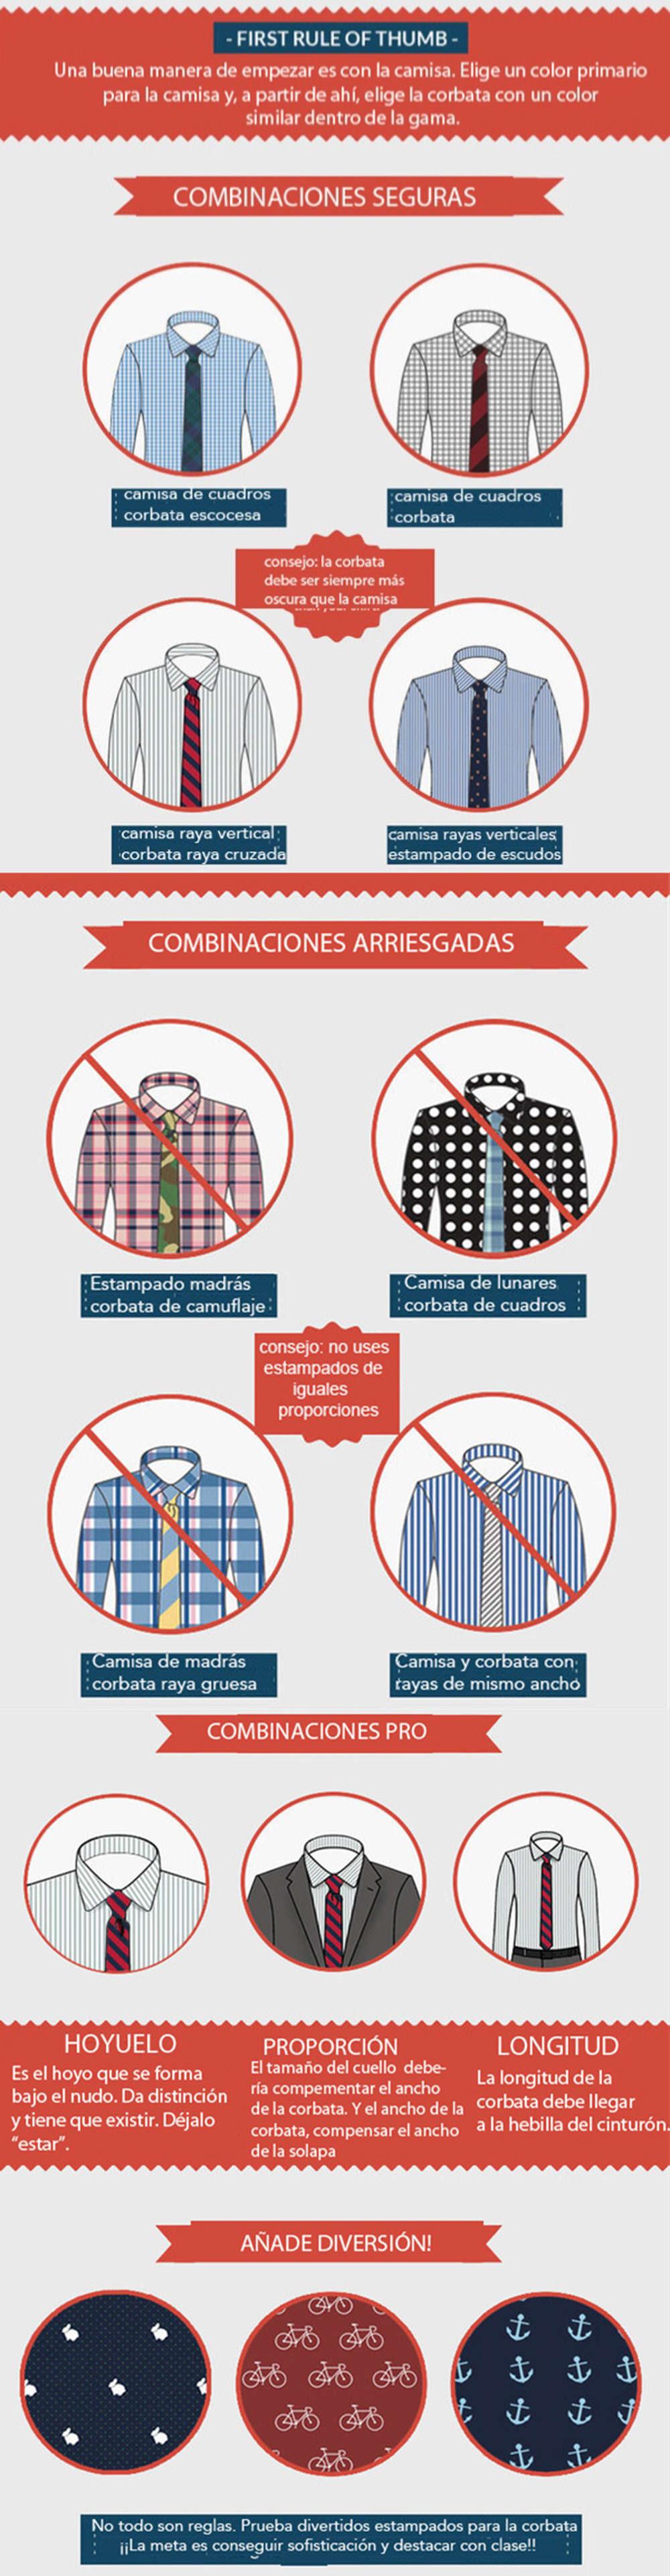 guia estilo hombre visual como conjuntar camisa chaqueta corbata